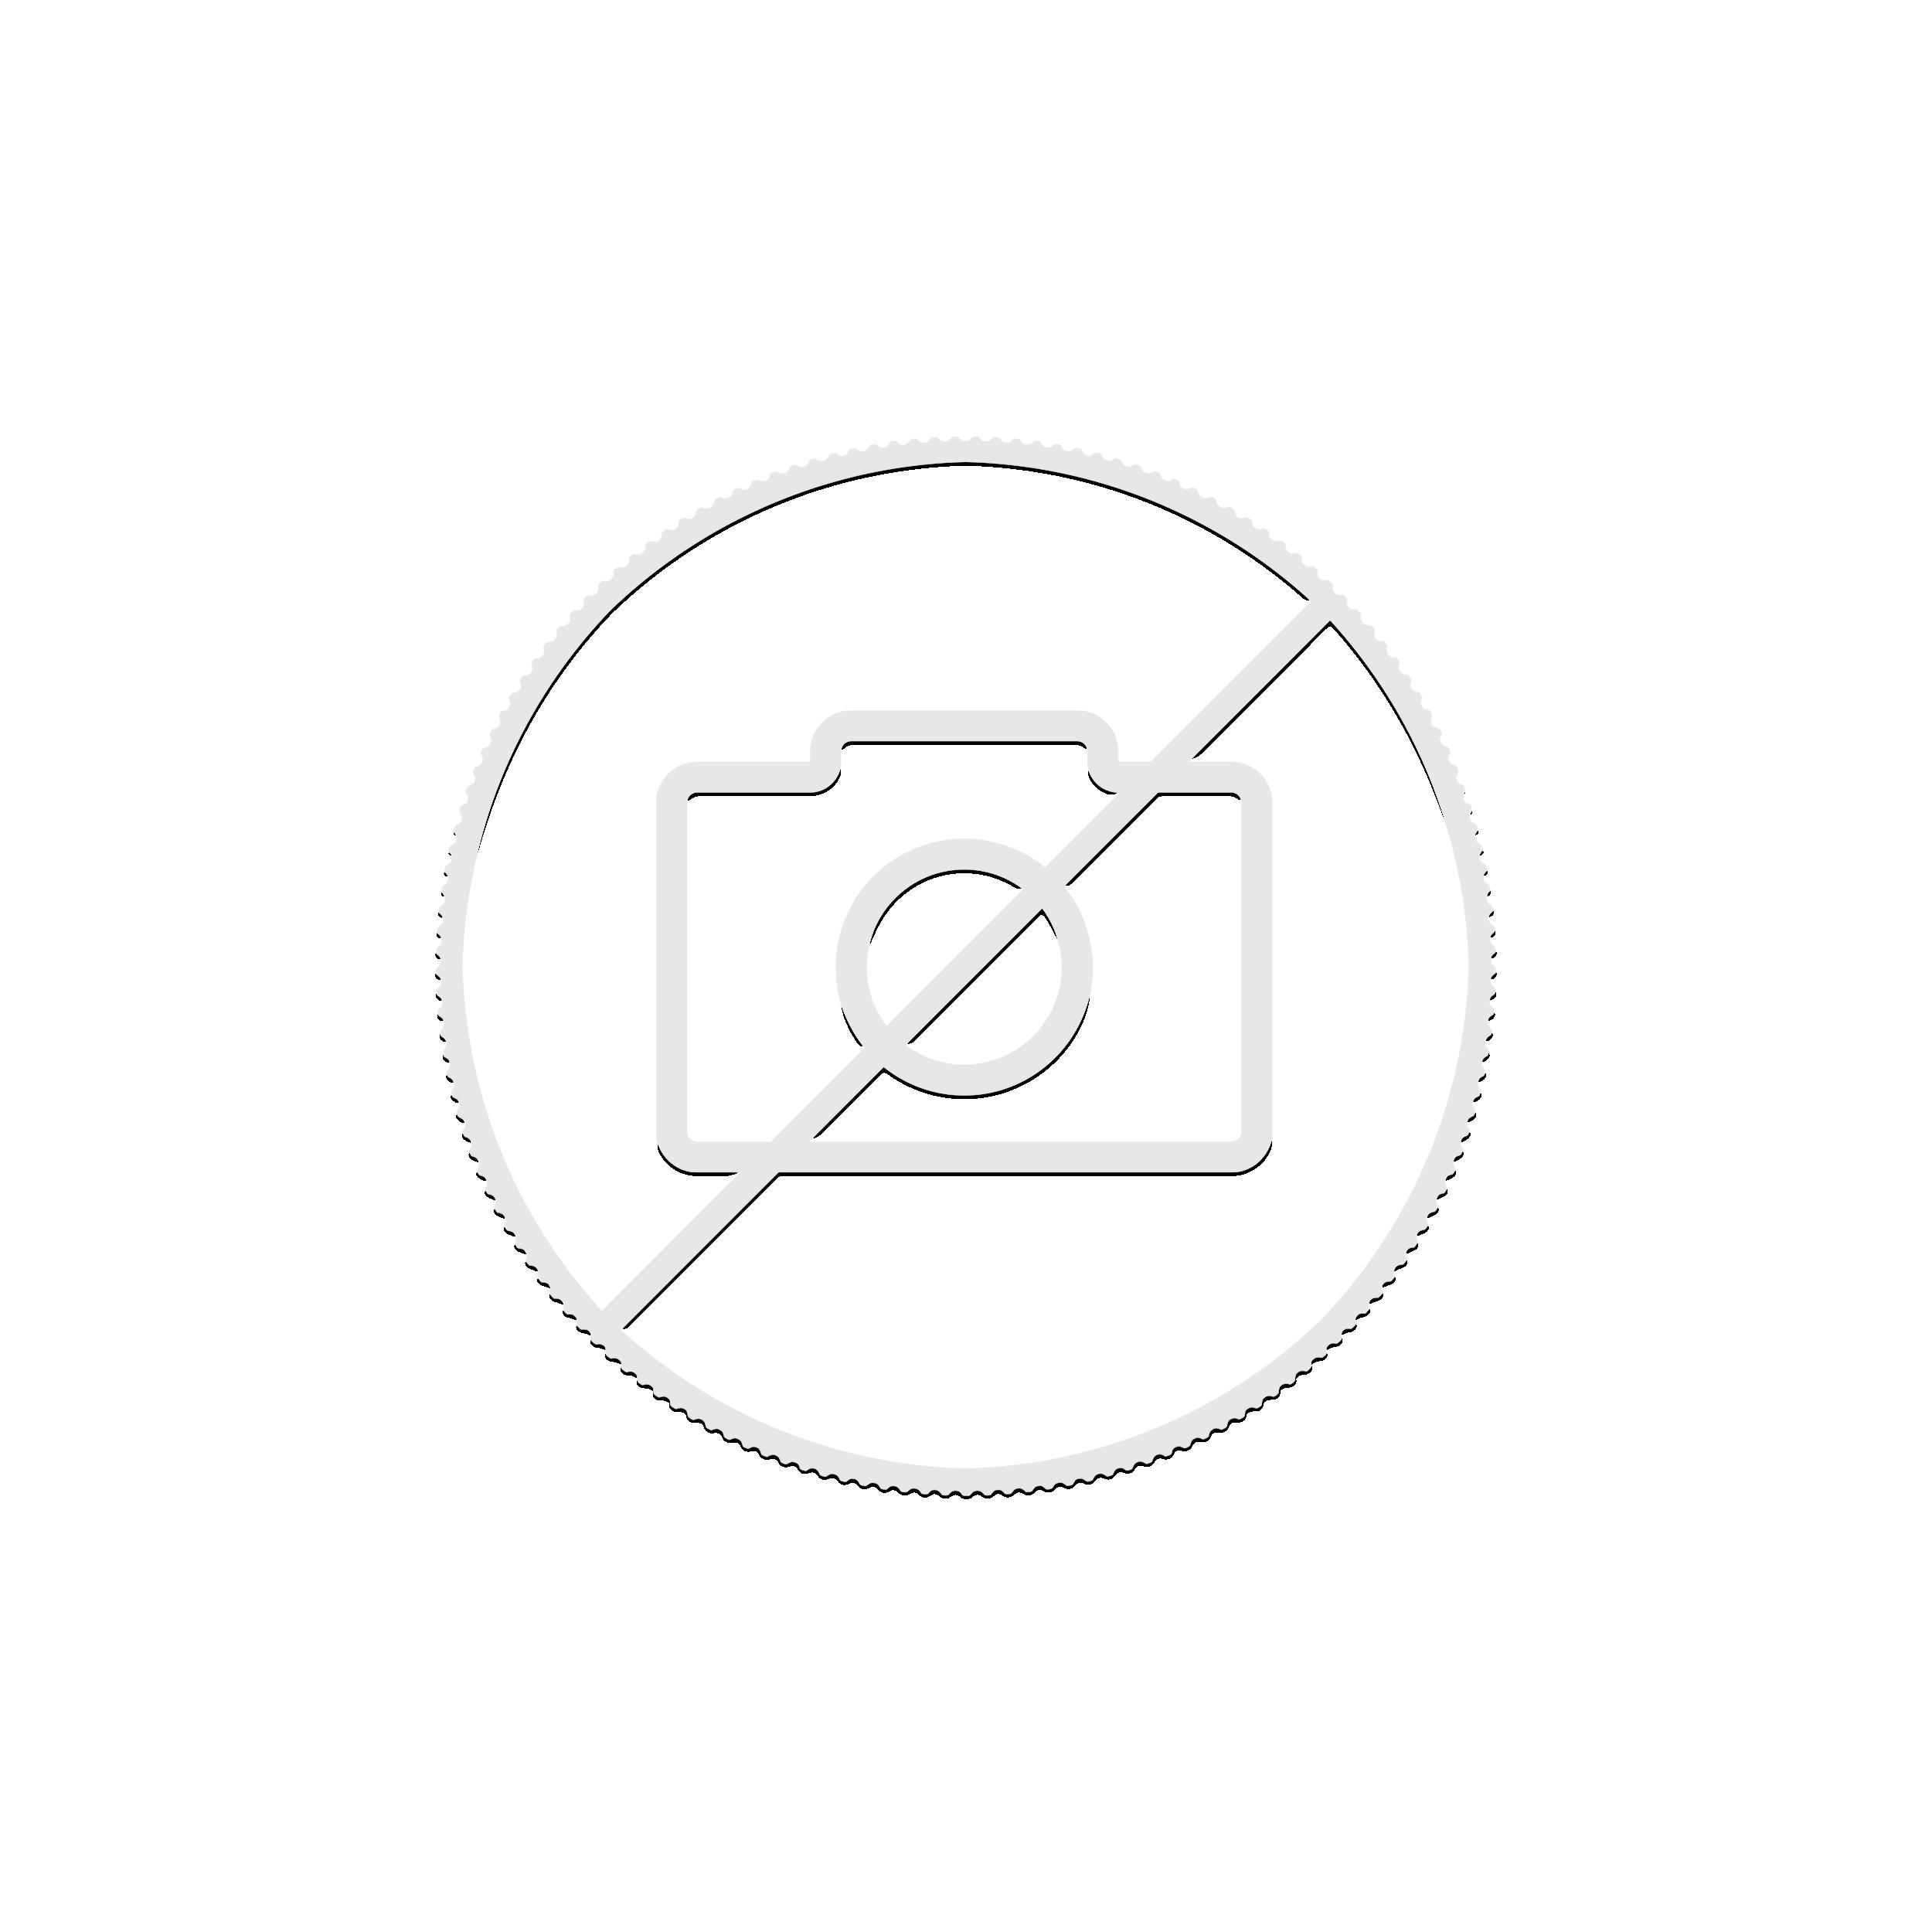 C. Hafner nugget 1 troy ounce goudbaar